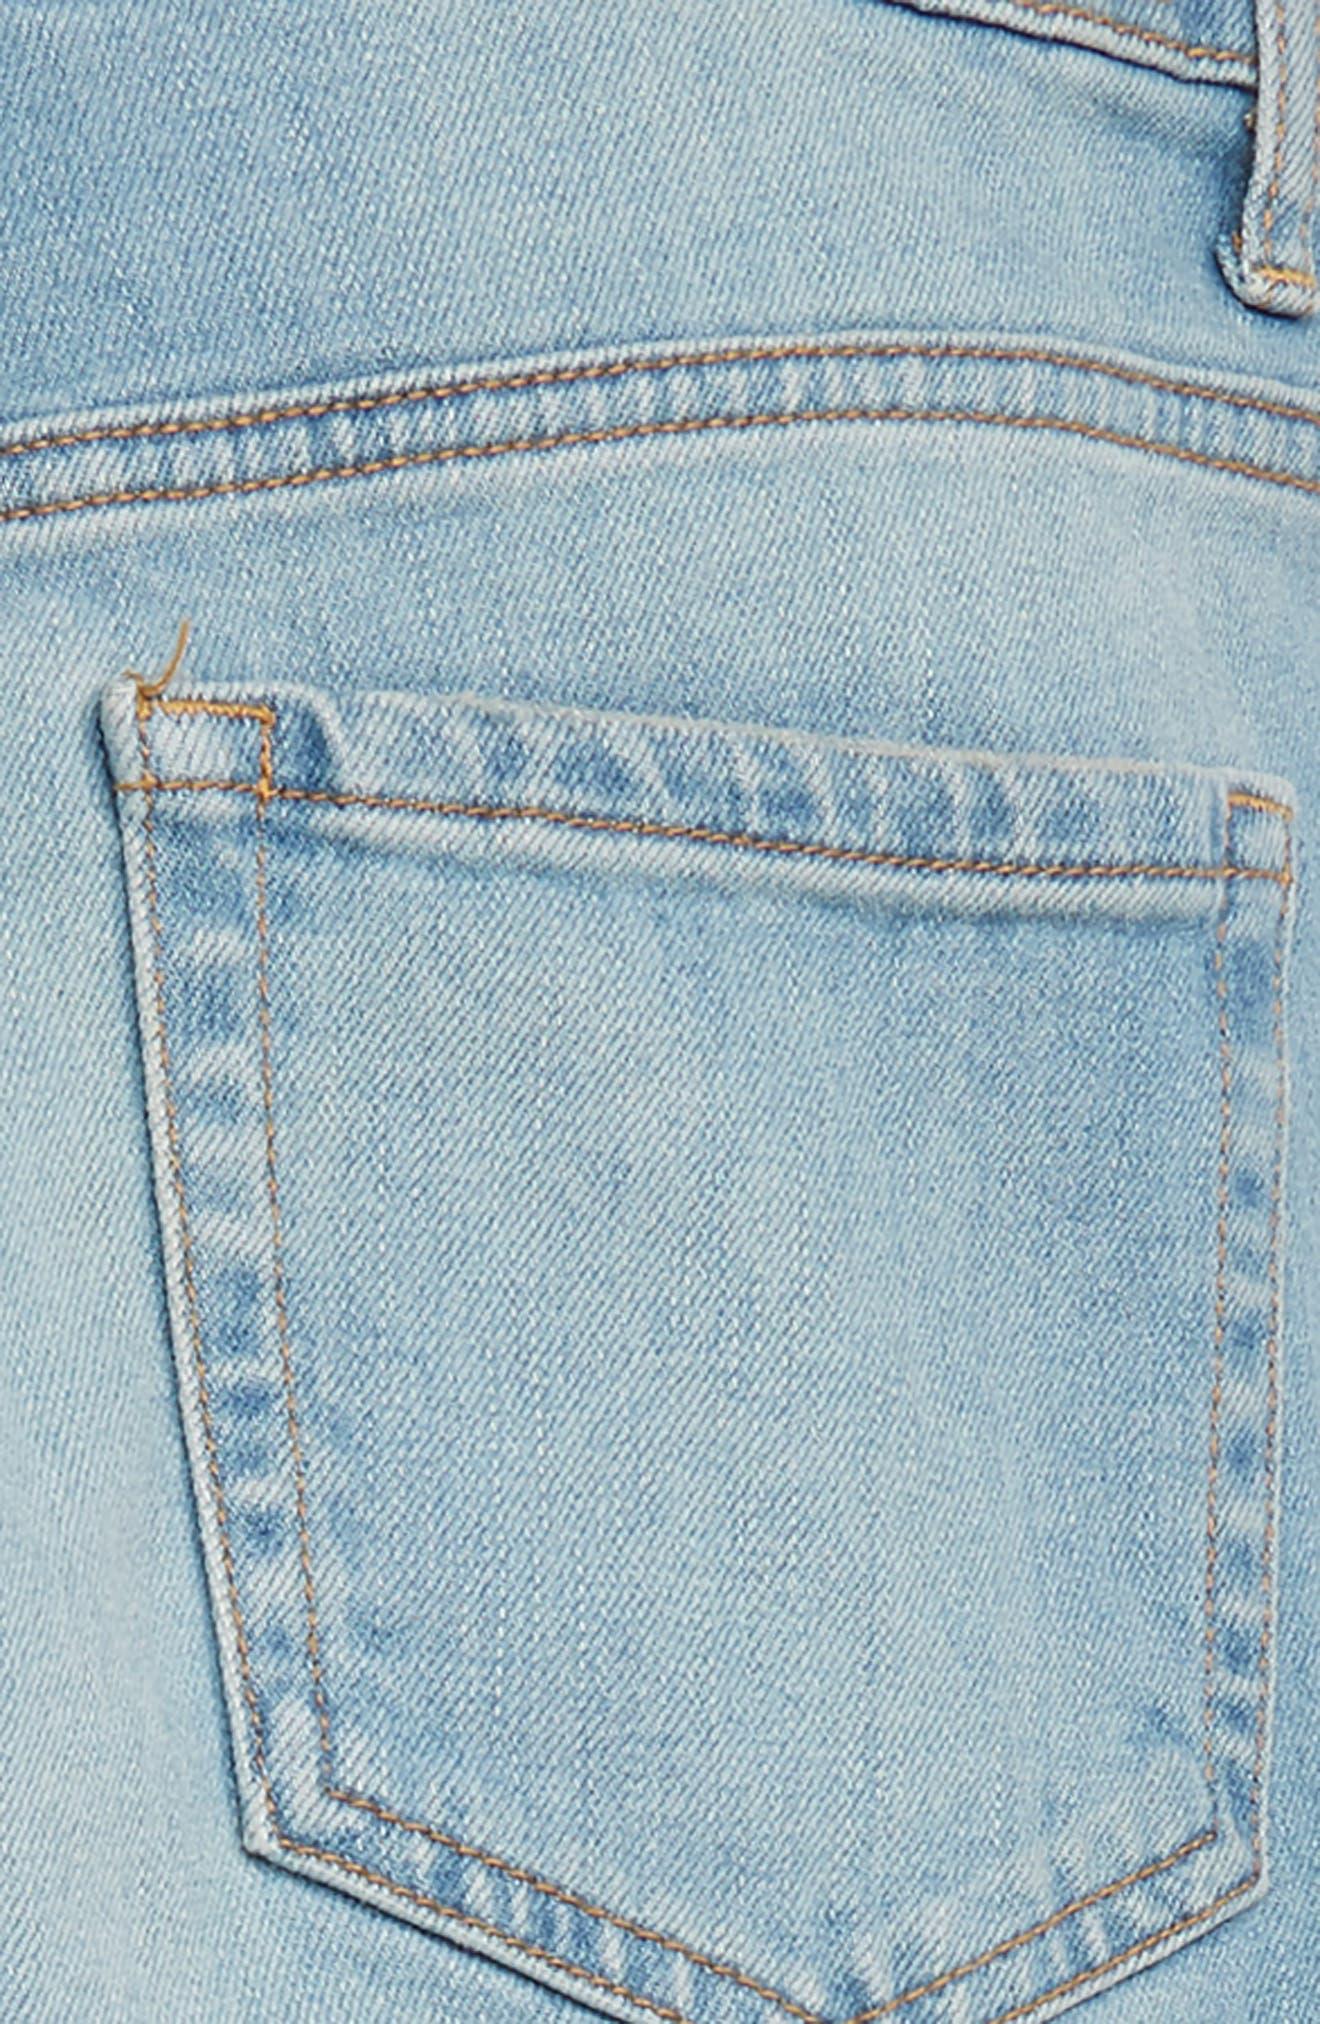 High Waist Mum Jeans,                             Alternate thumbnail 3, color,                             RAPIDS WASH